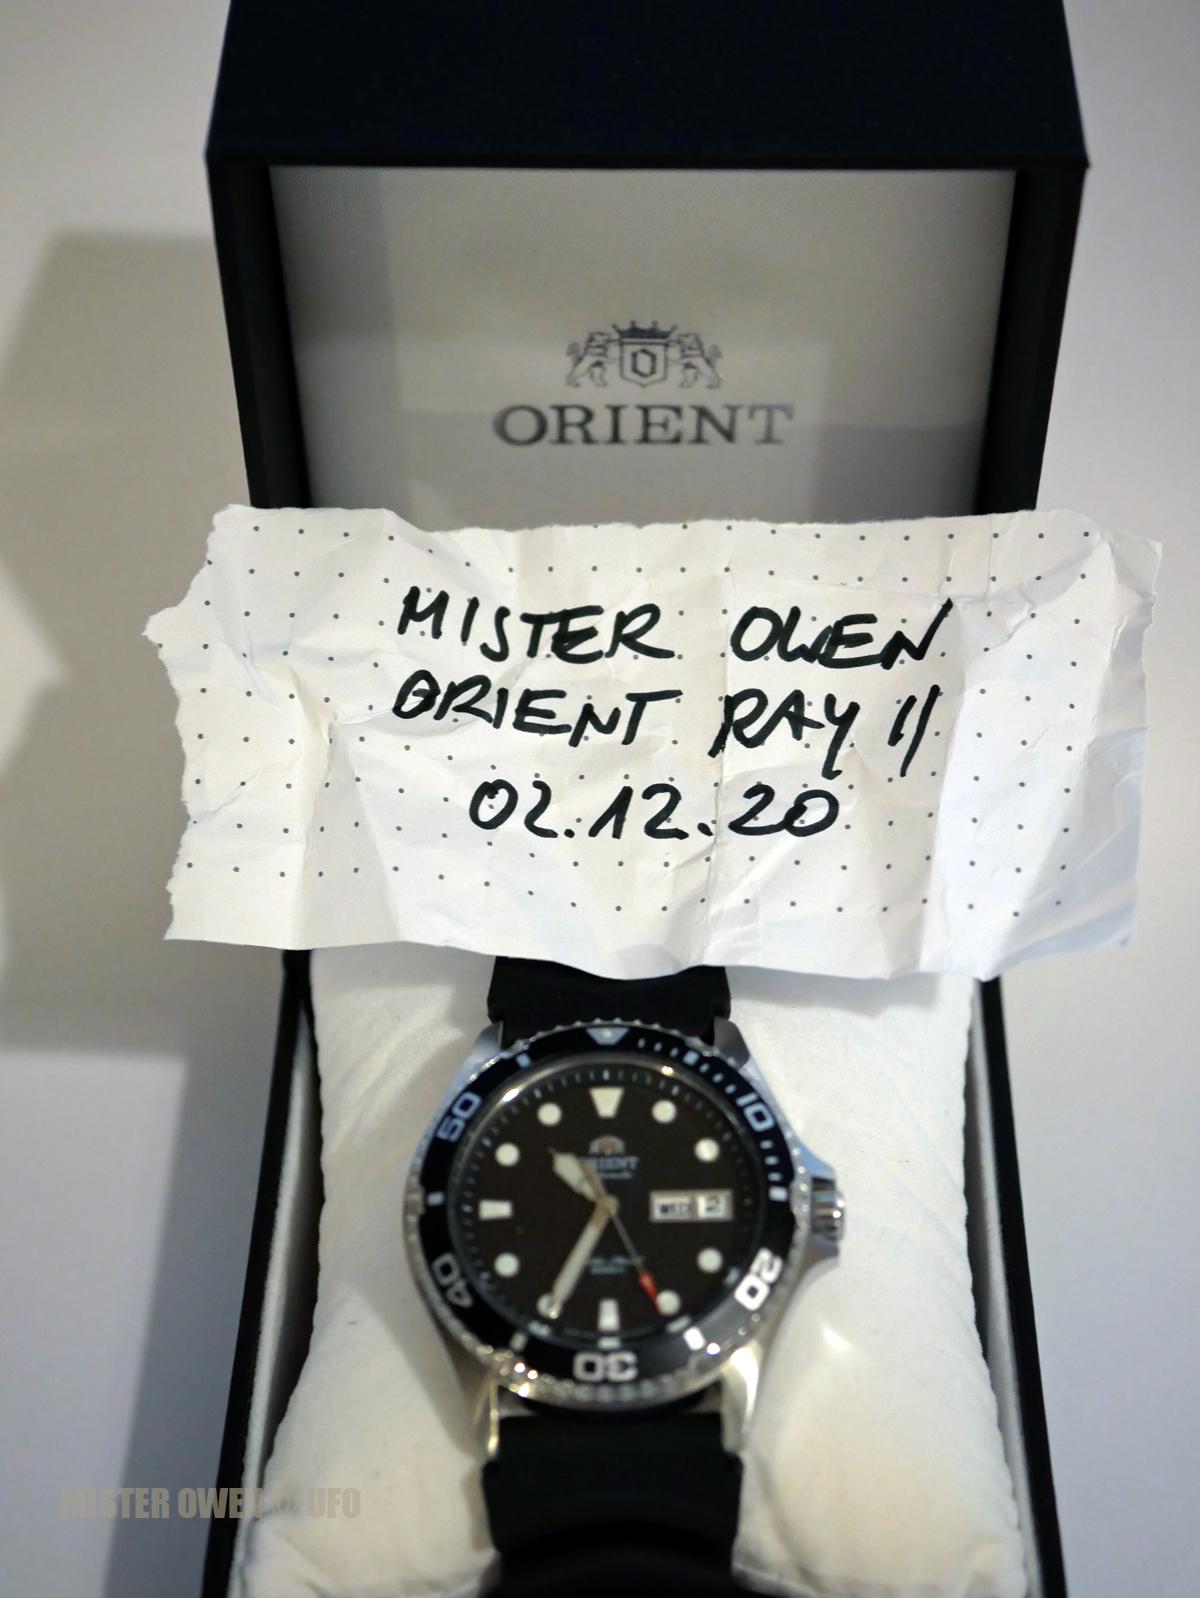 orient-ray-II-mister-owen-06.jpg